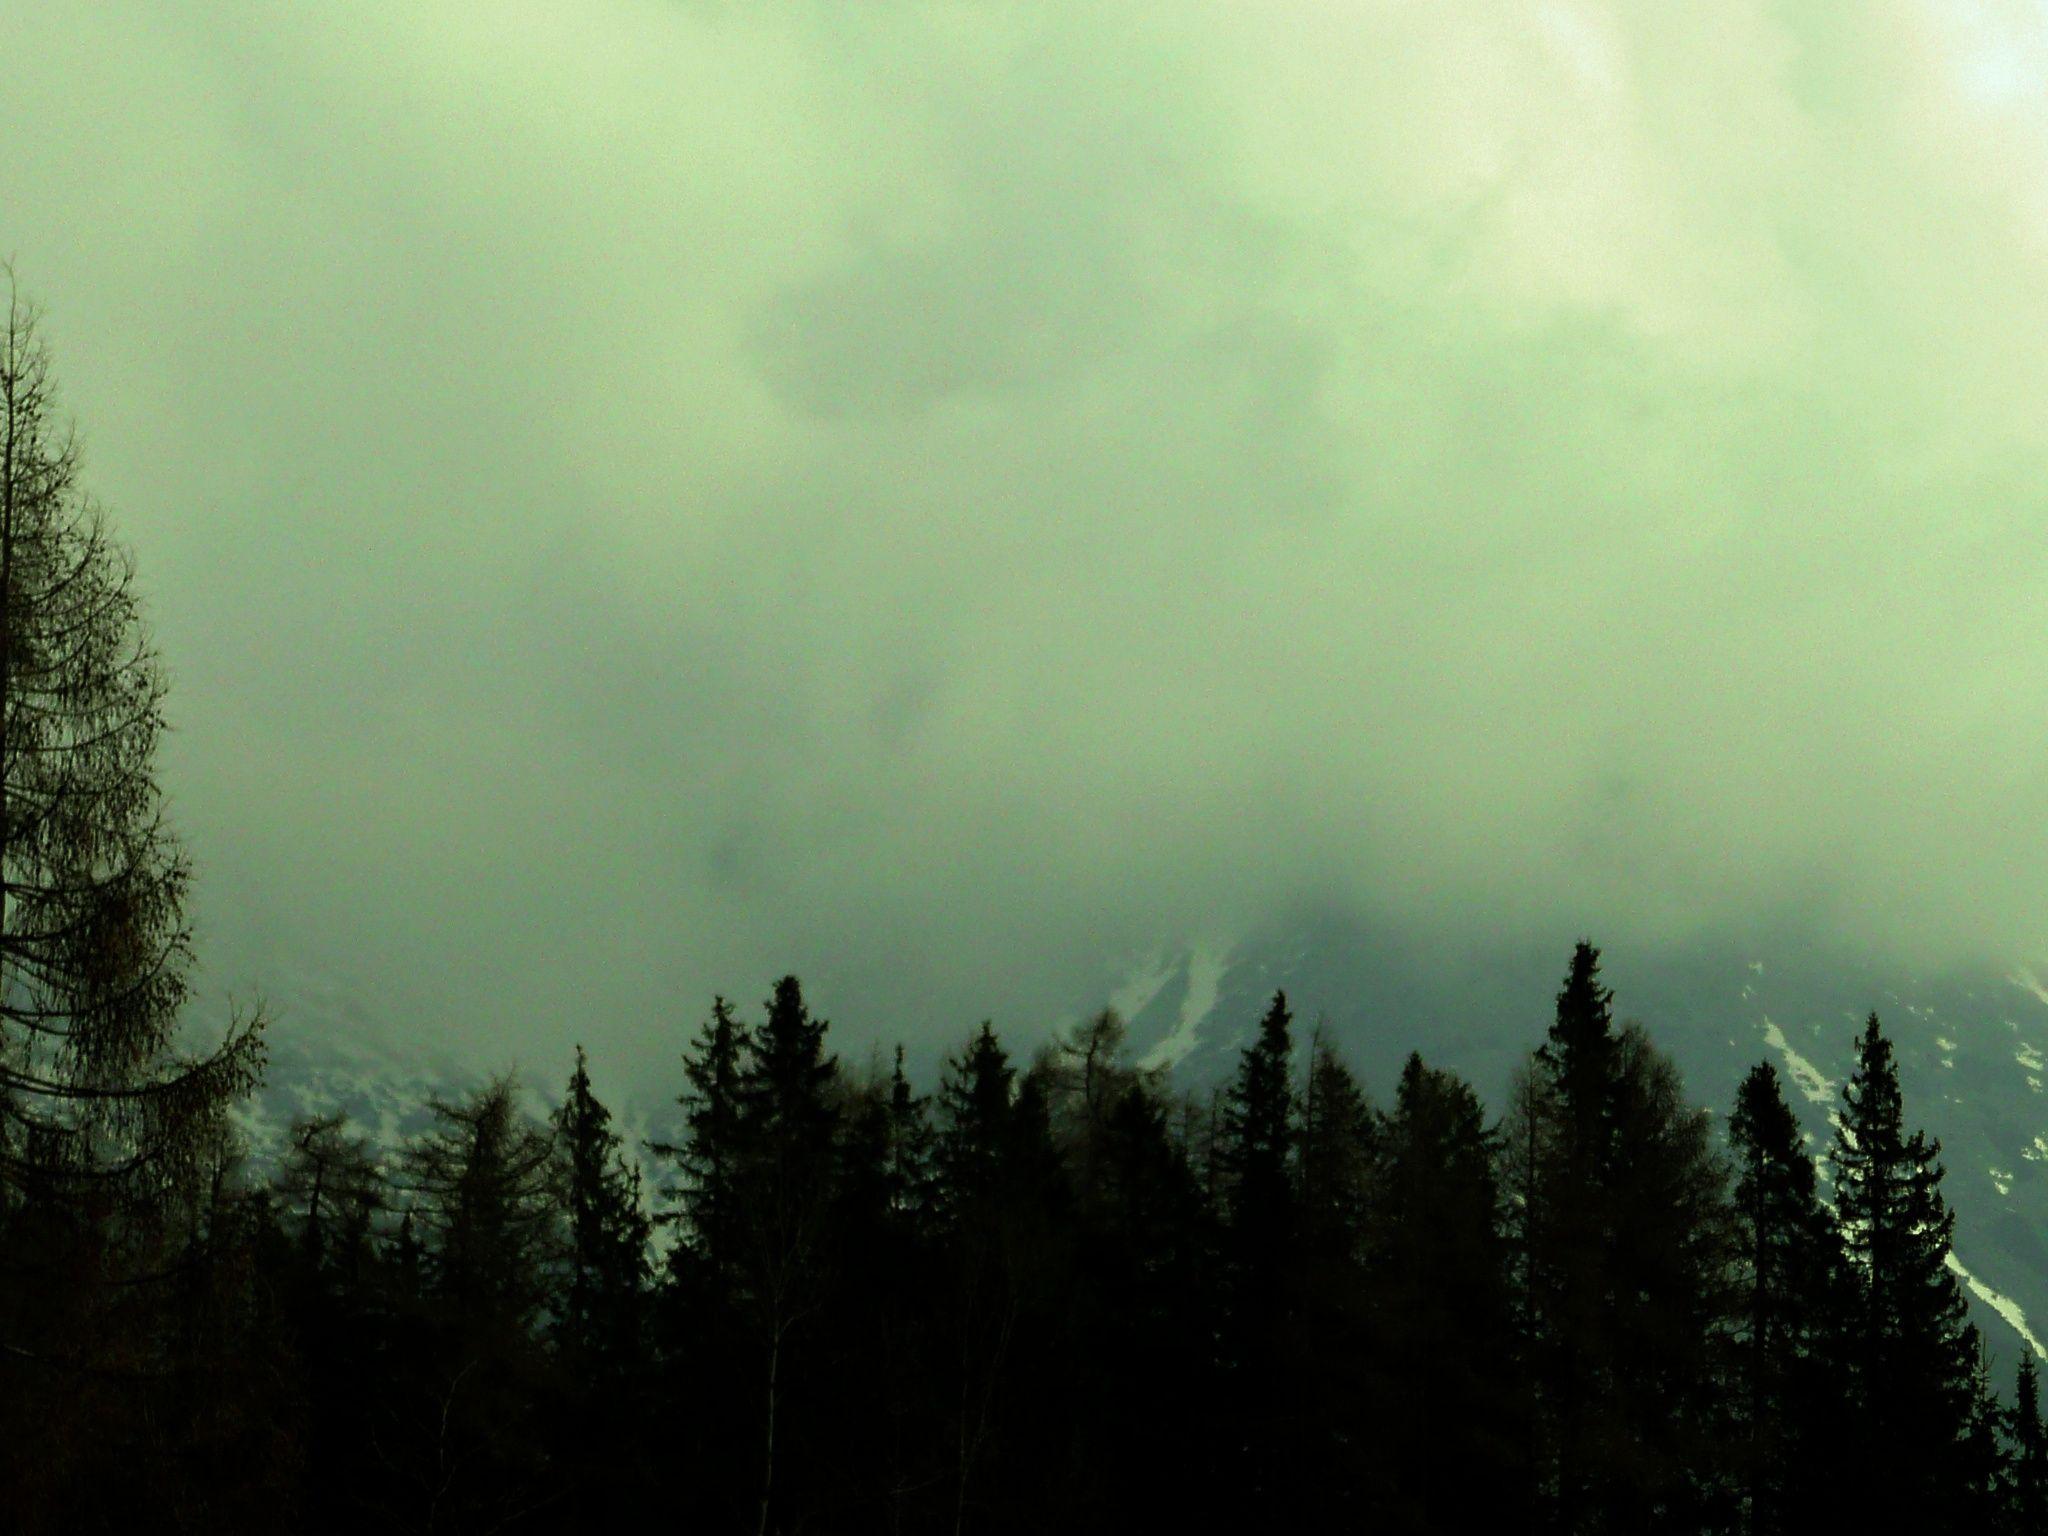 Mist ... by Liana Re